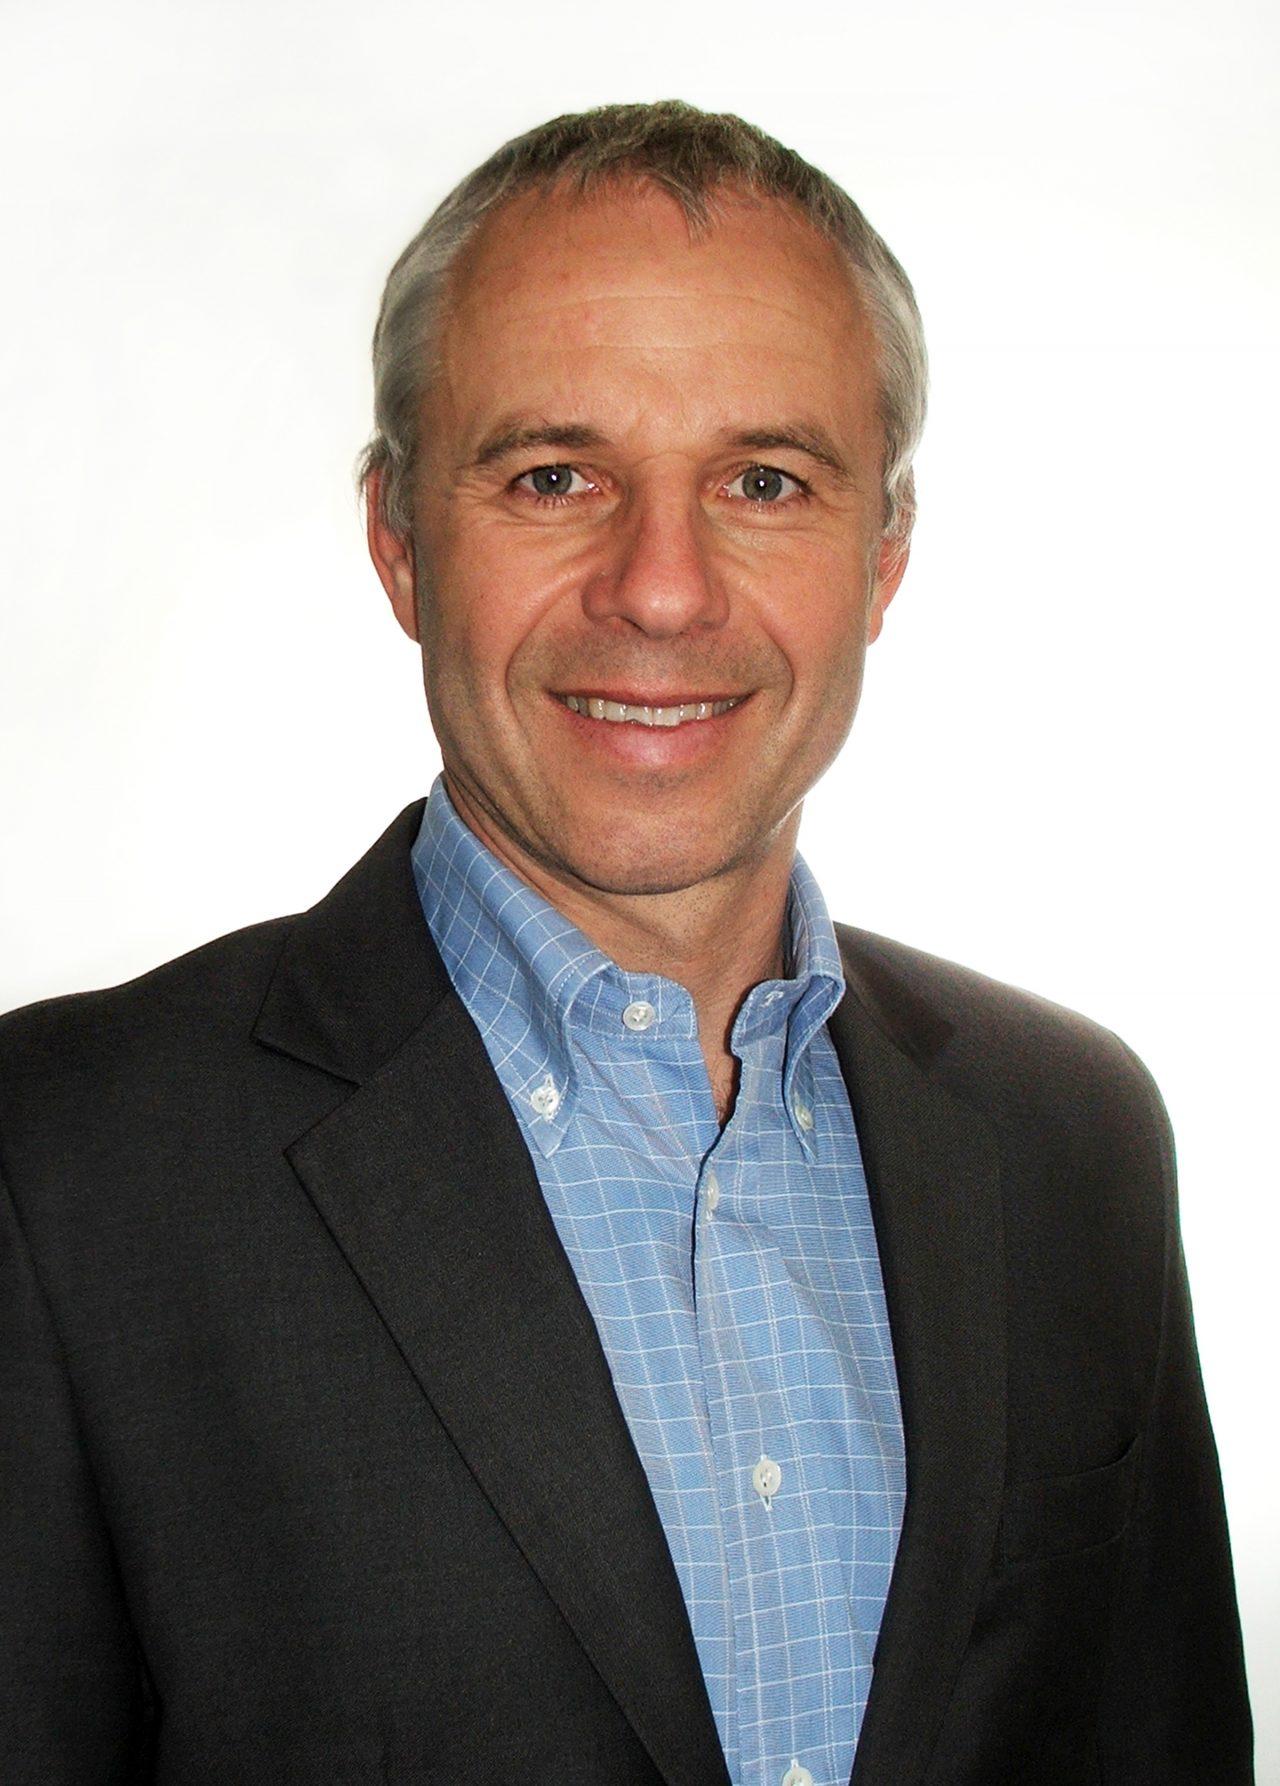 Dr Renaud Quantin